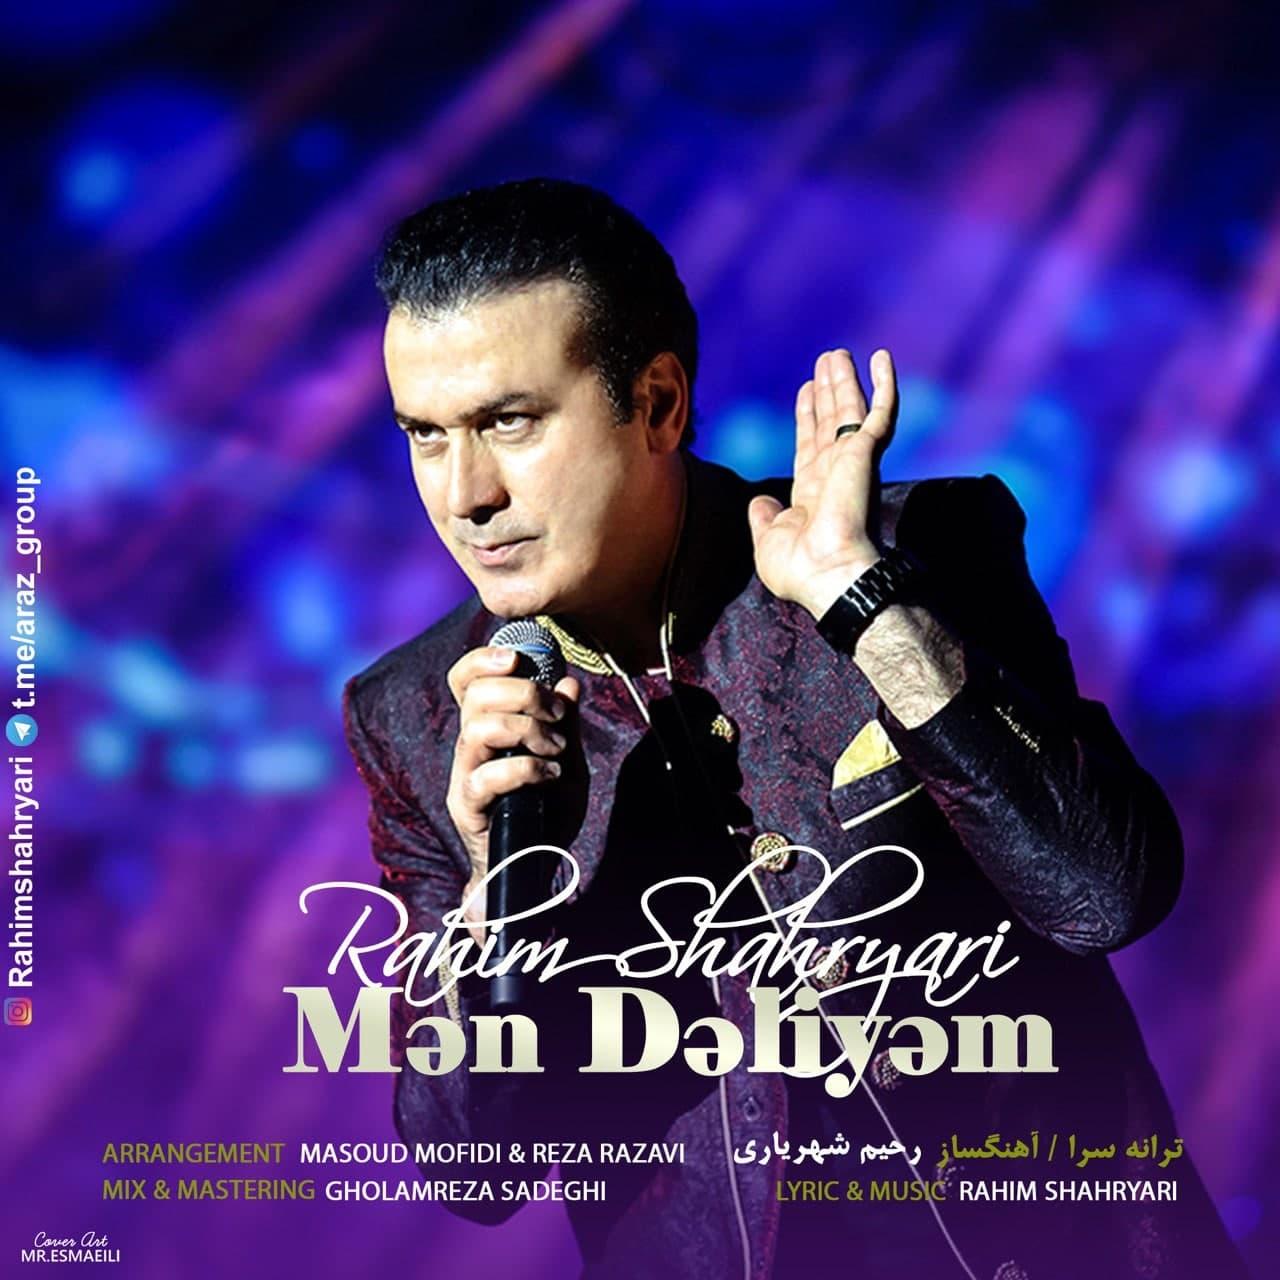 https://s16.picofile.com/file/8426291684/13Rahim_Shahryari_Man_Daliyam.jpg